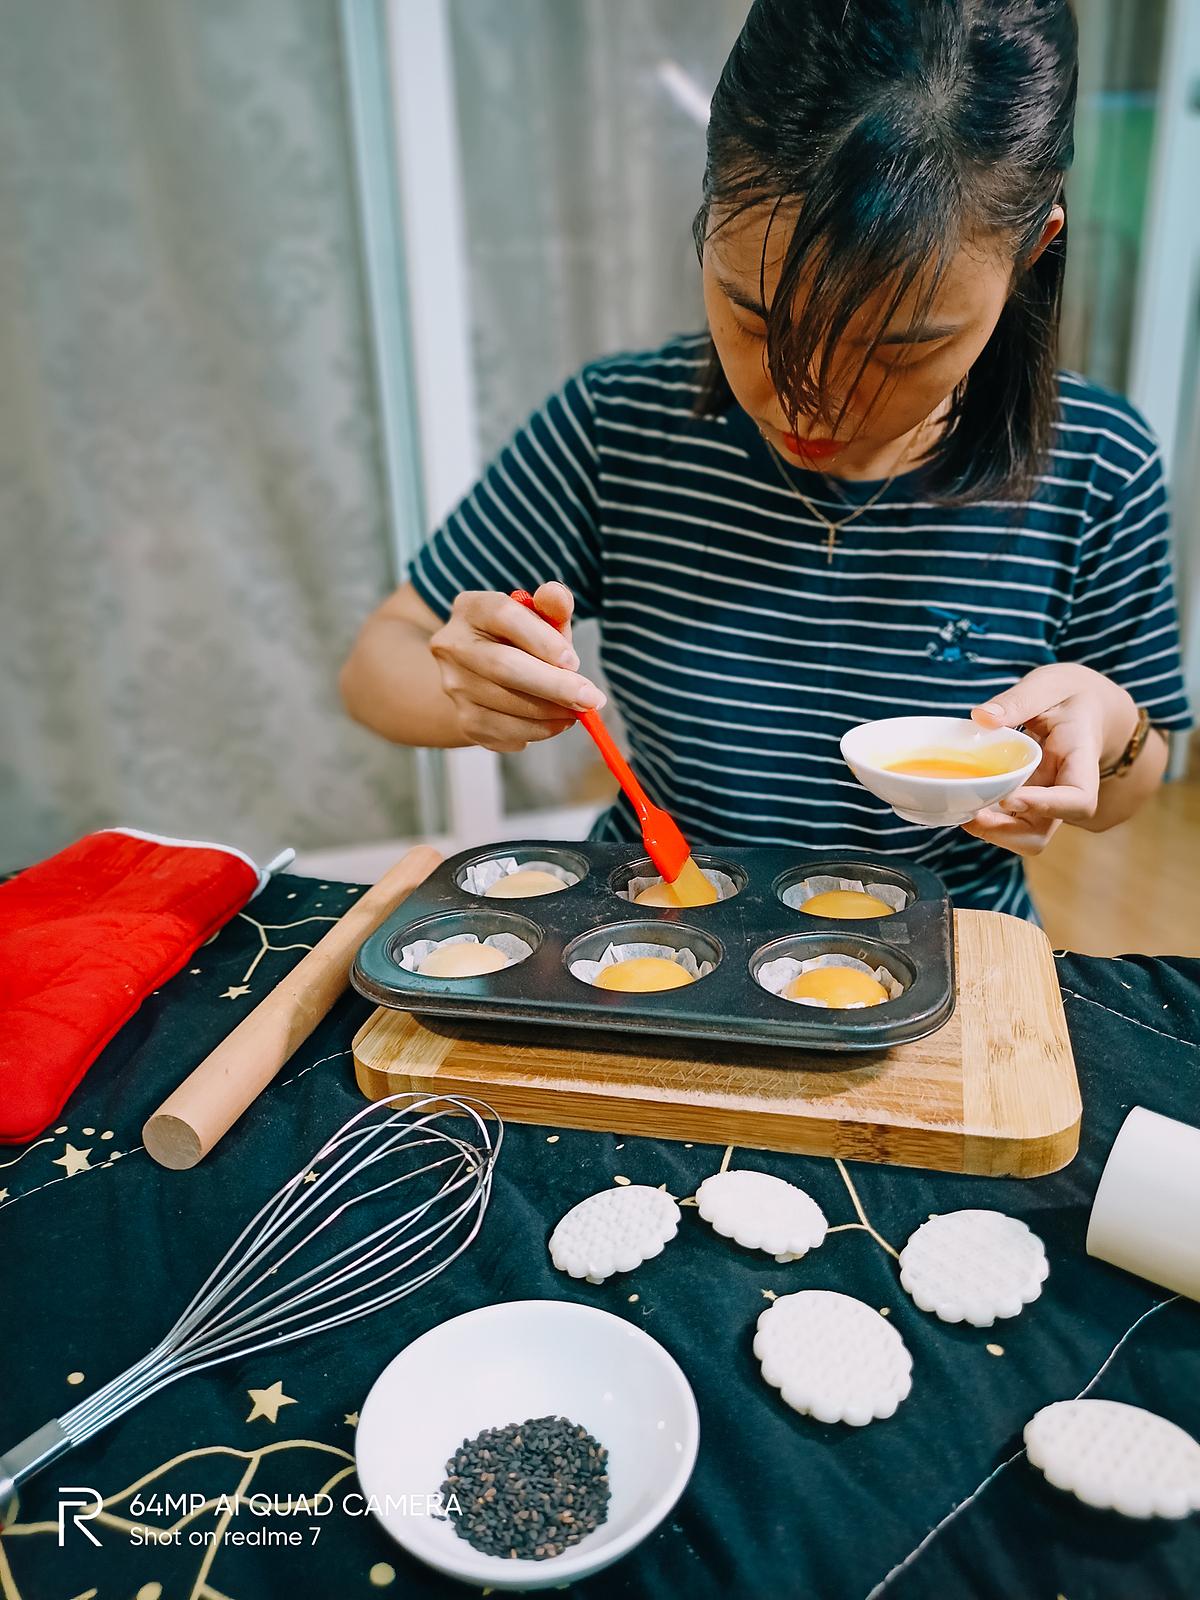 Lấy bánh ra cô liền quét lớp sốt trứng muối dẻo lên trên để vừa tăng phần đẹp mắt vừa giúp thành quả thêm đậm đà hương vị